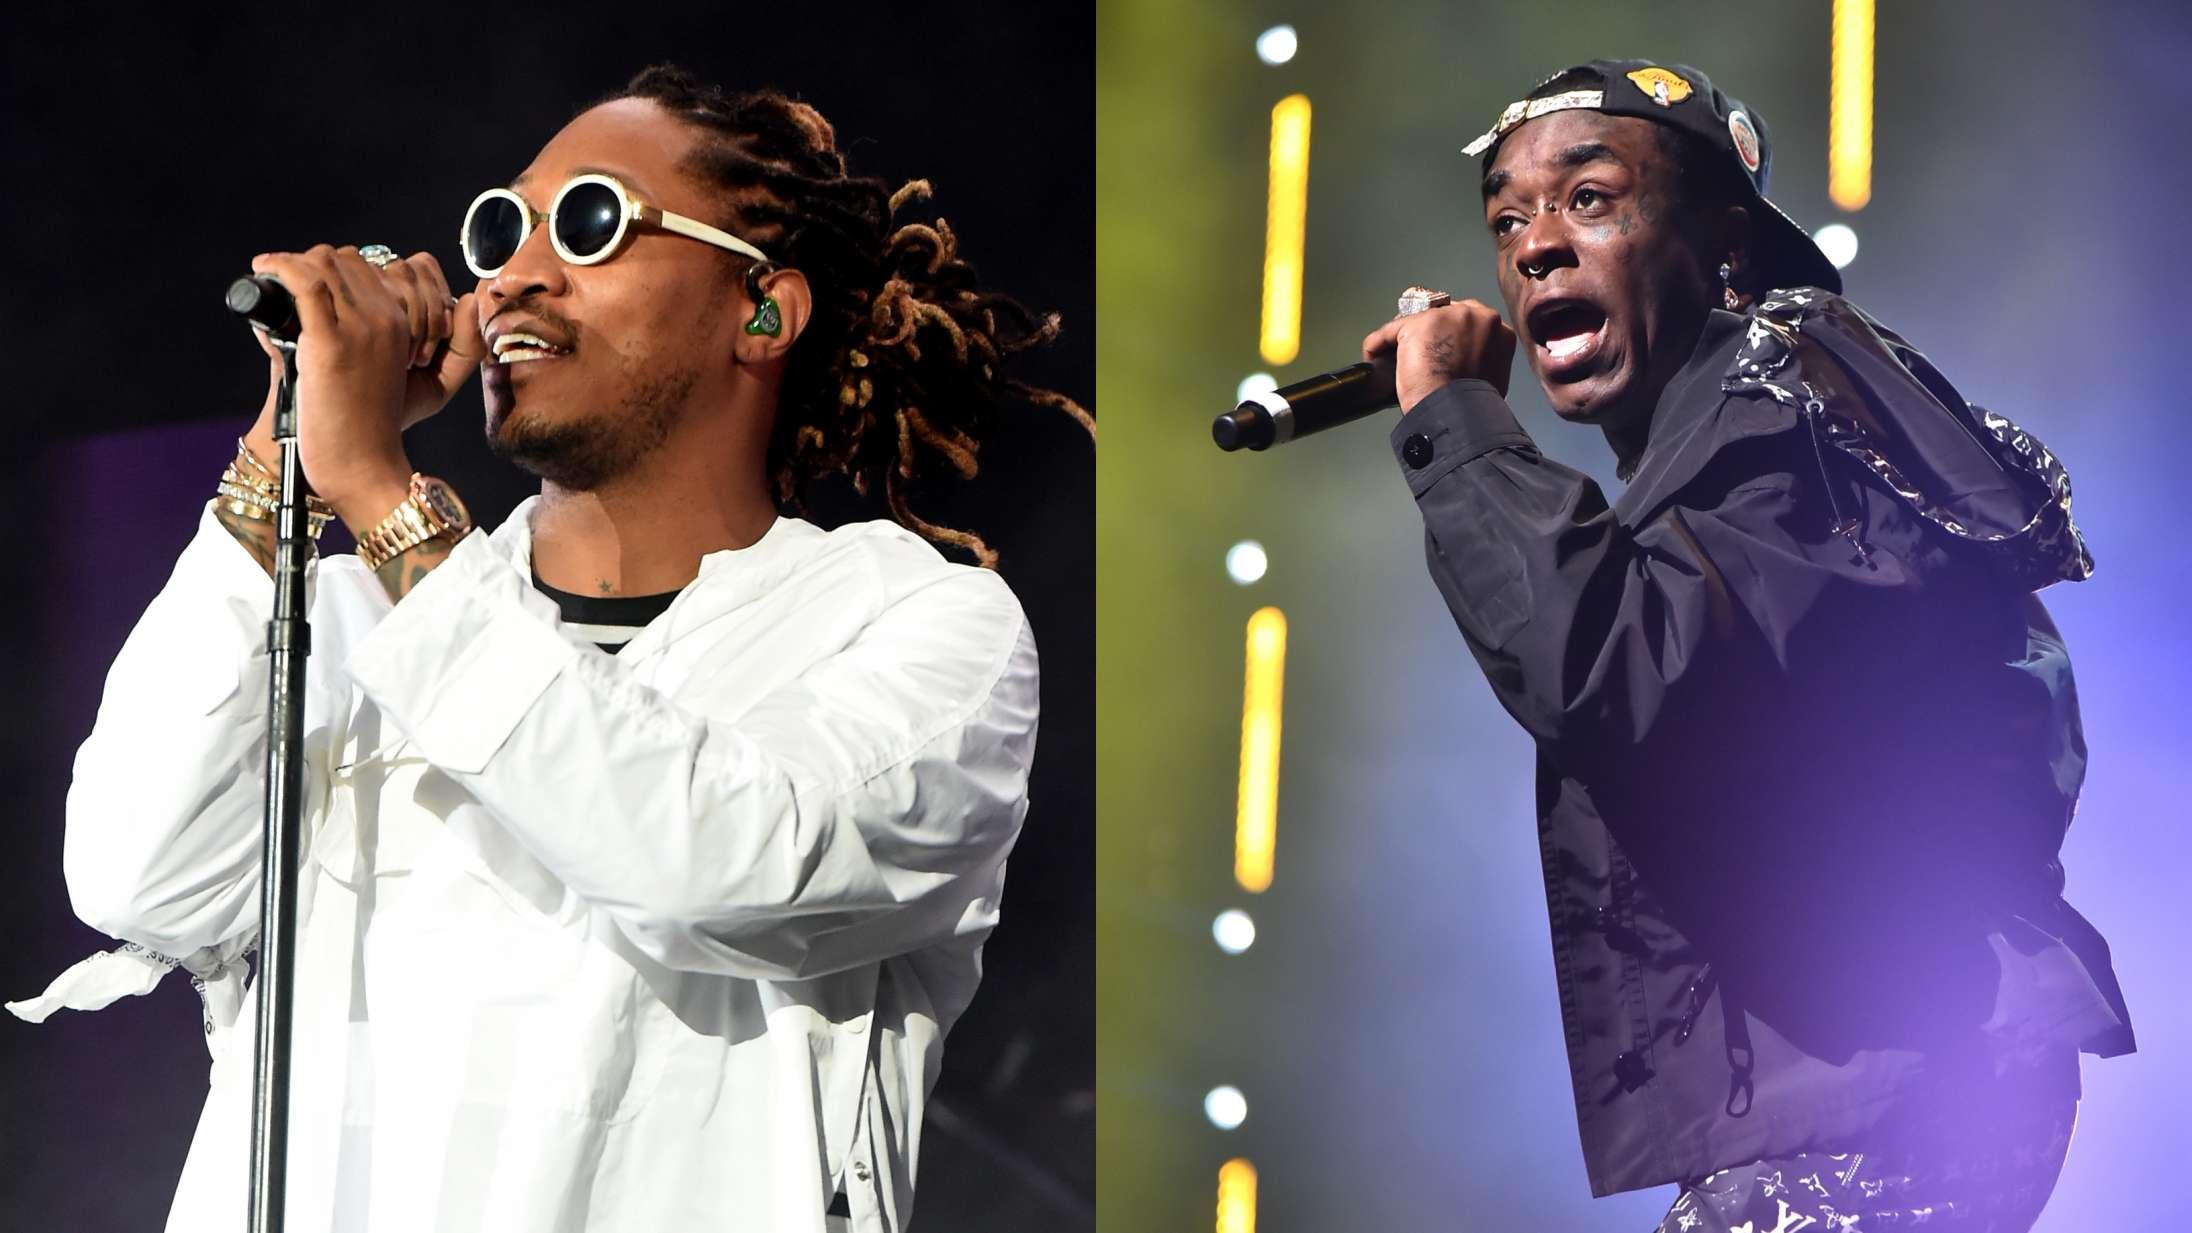 Future og Lil Uzi Vert udgiver de to fælles sange 'Over Your Head' og 'Patek'